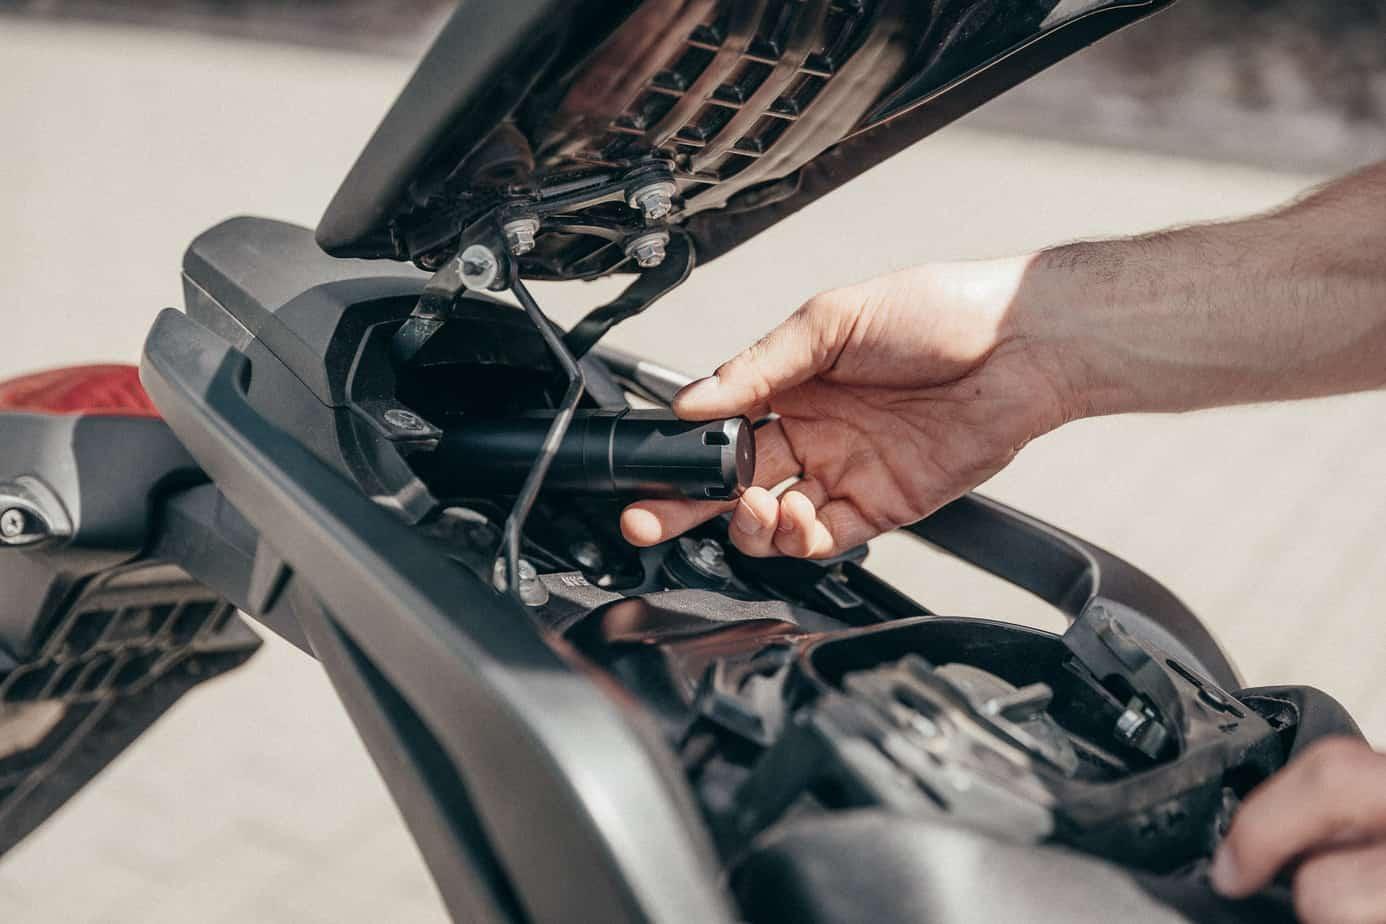 cache du gps moto dans la moto